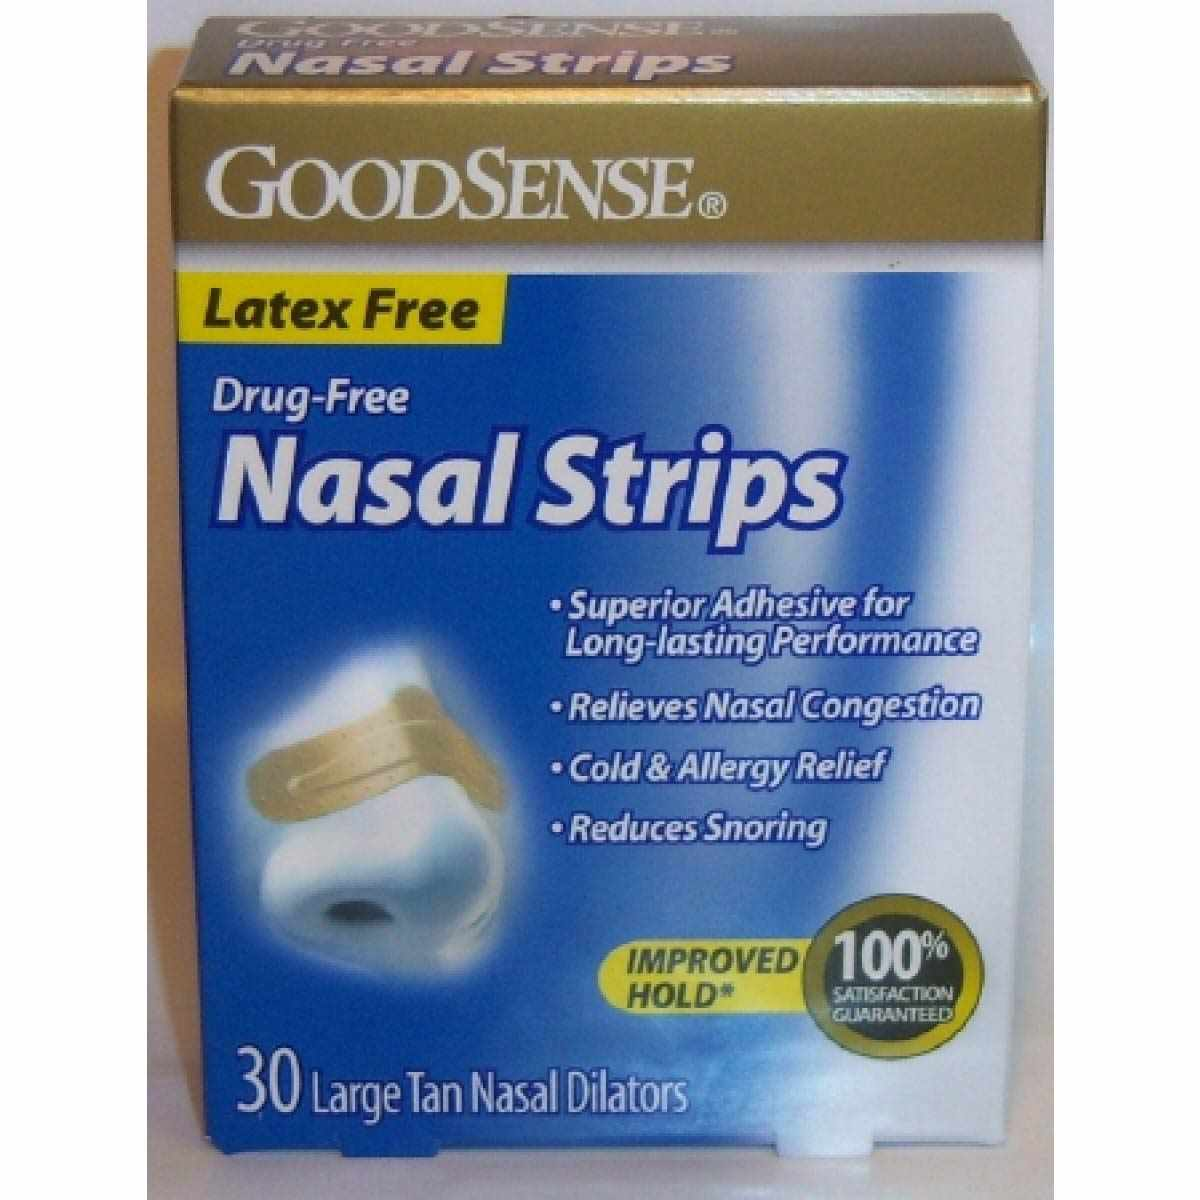 GoodSense Nasal Strips